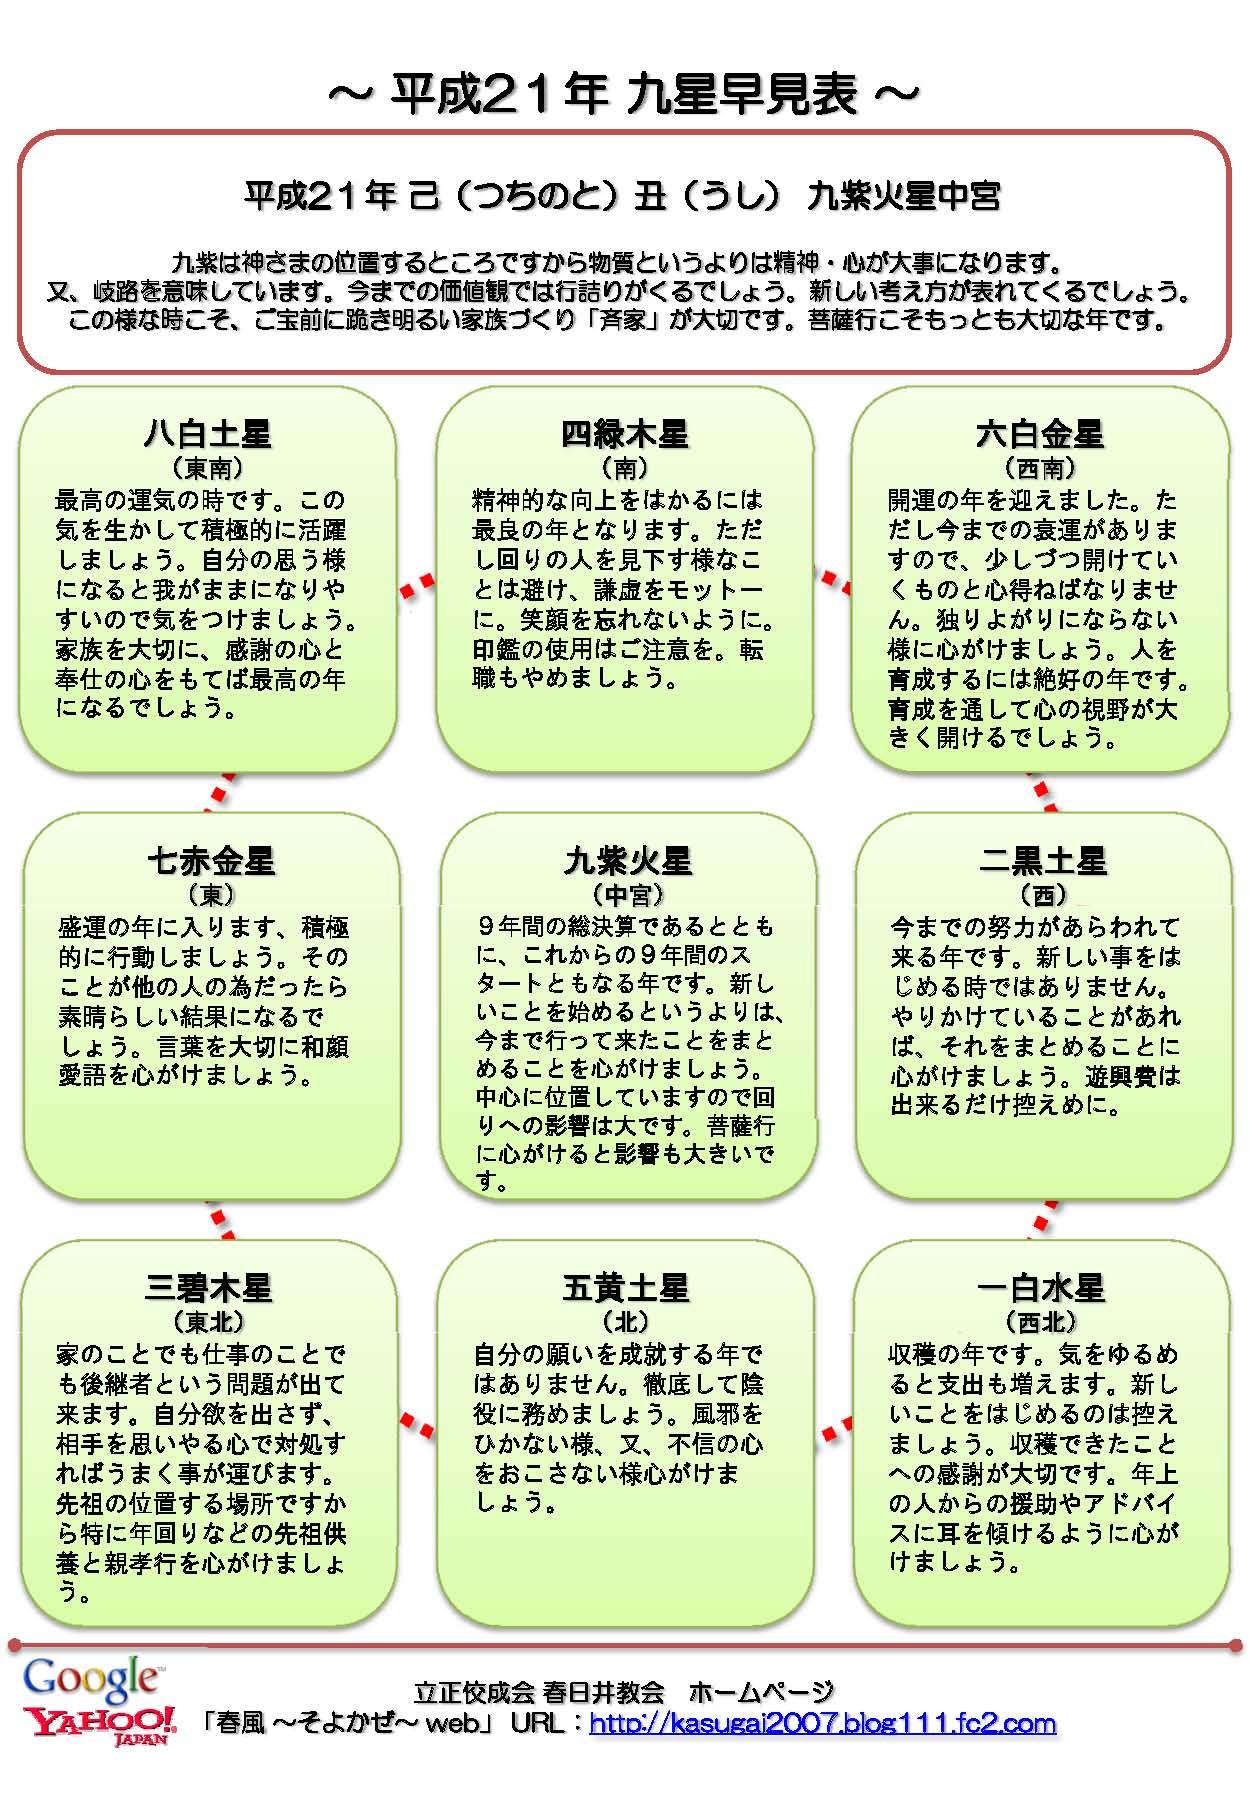 ホームページ 立正 佼成会